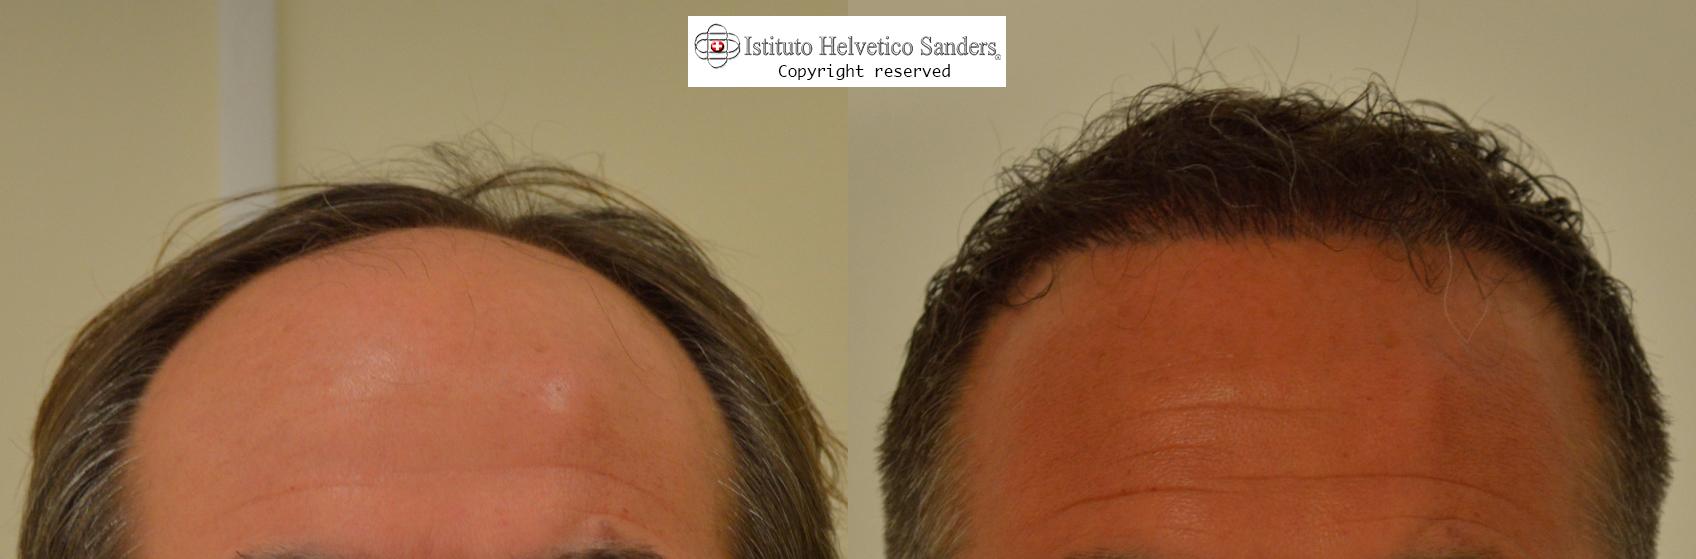 Trapianto capelli con tecnica FUE linea frontale